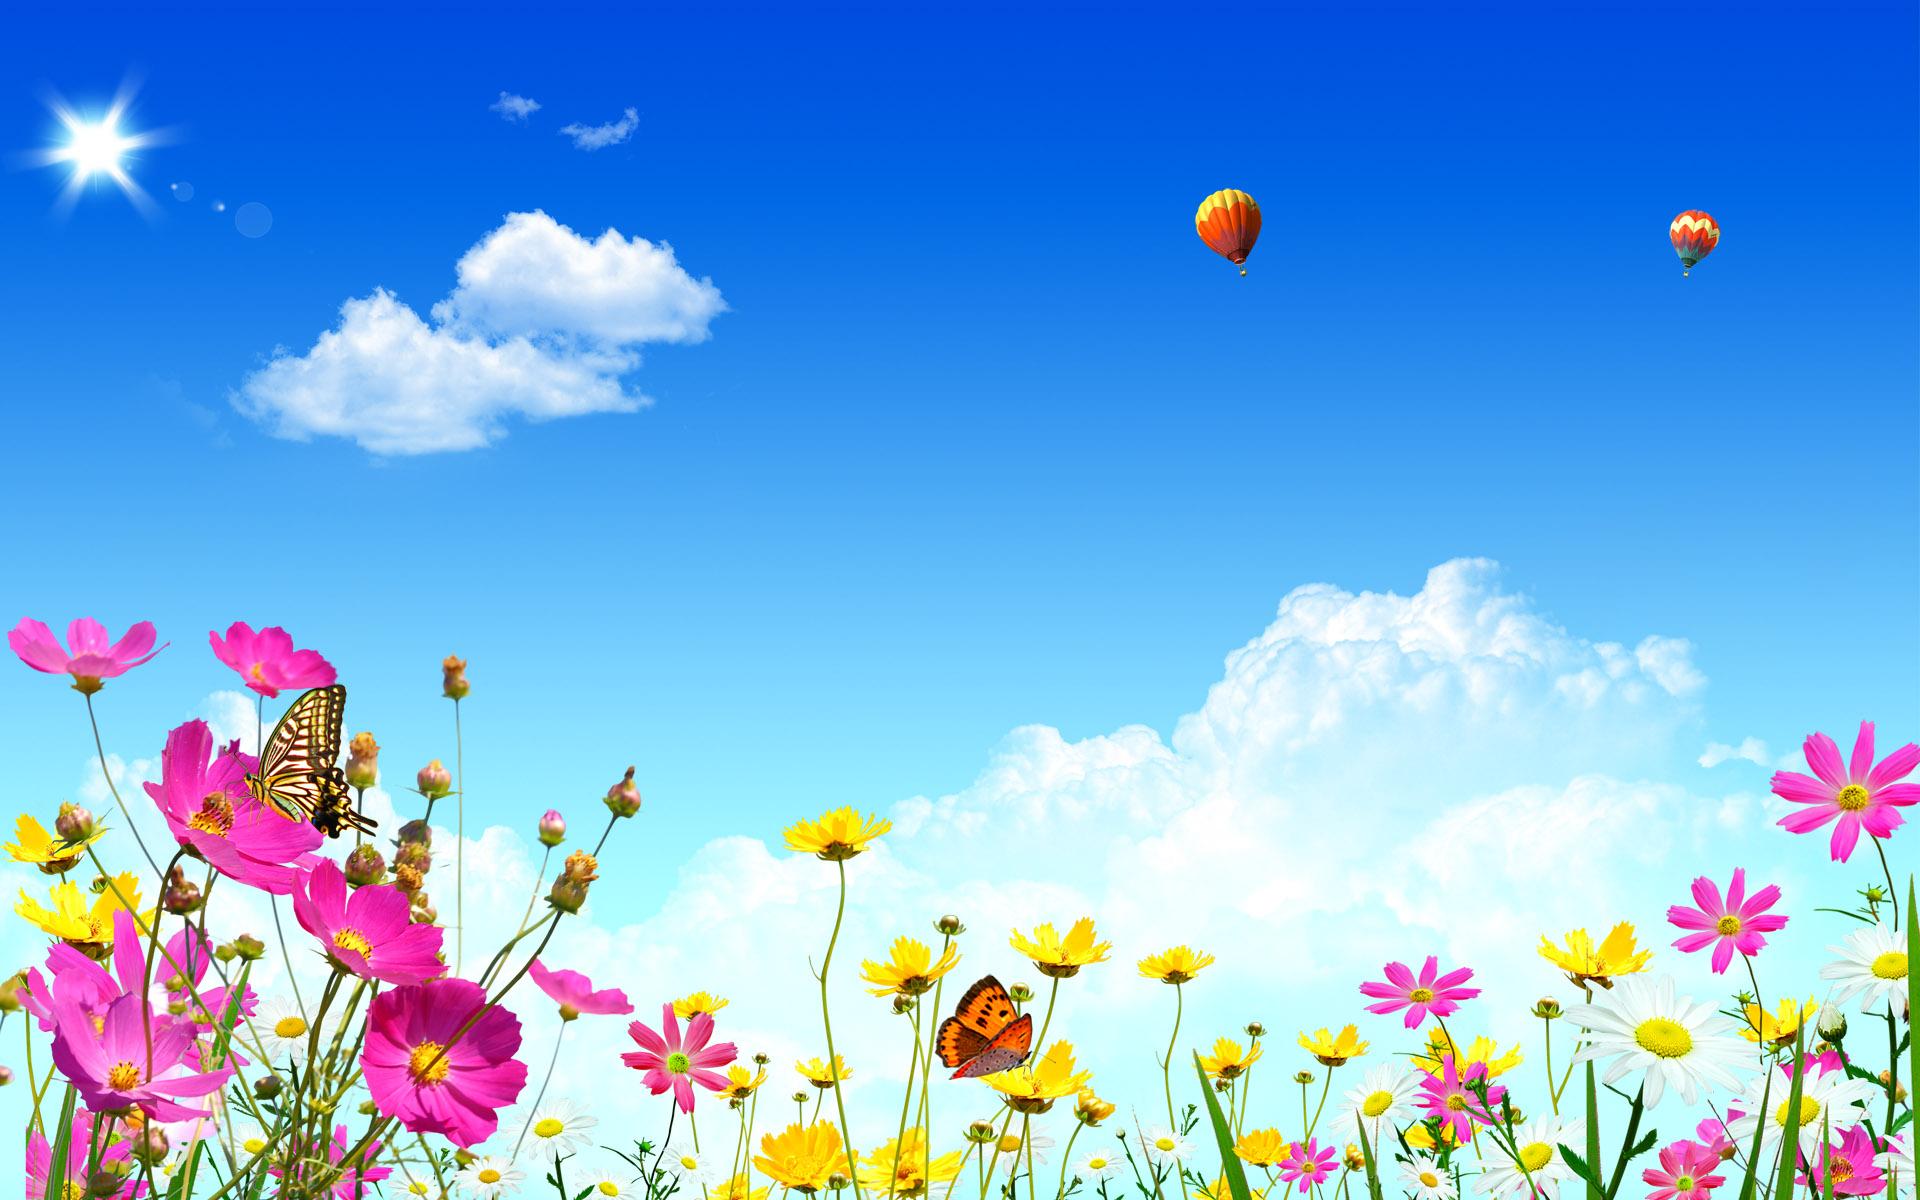 Summer Desktop Backgrounds wallpaper   505245 1920x1200